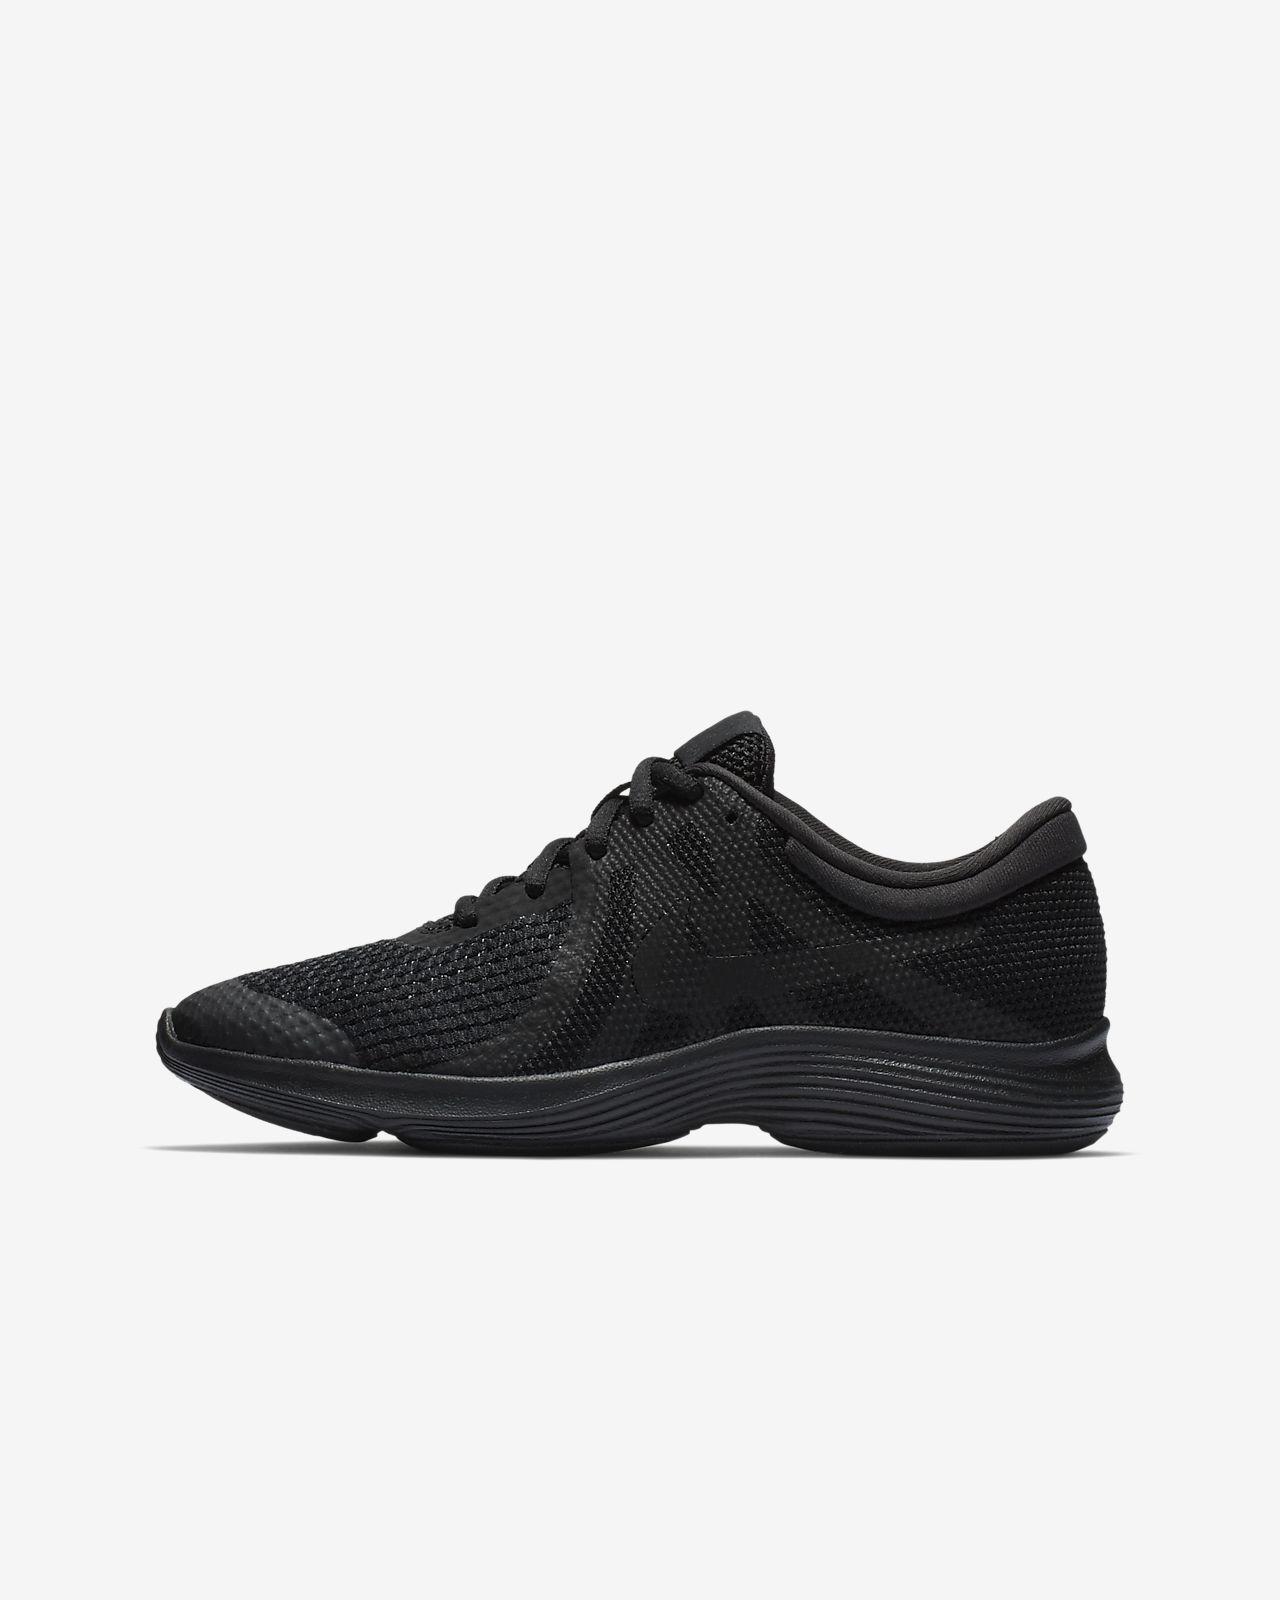 42a12f6f4c616 Sapatilhas de running Nike Revolution 4 Júnior. Nike.com PT